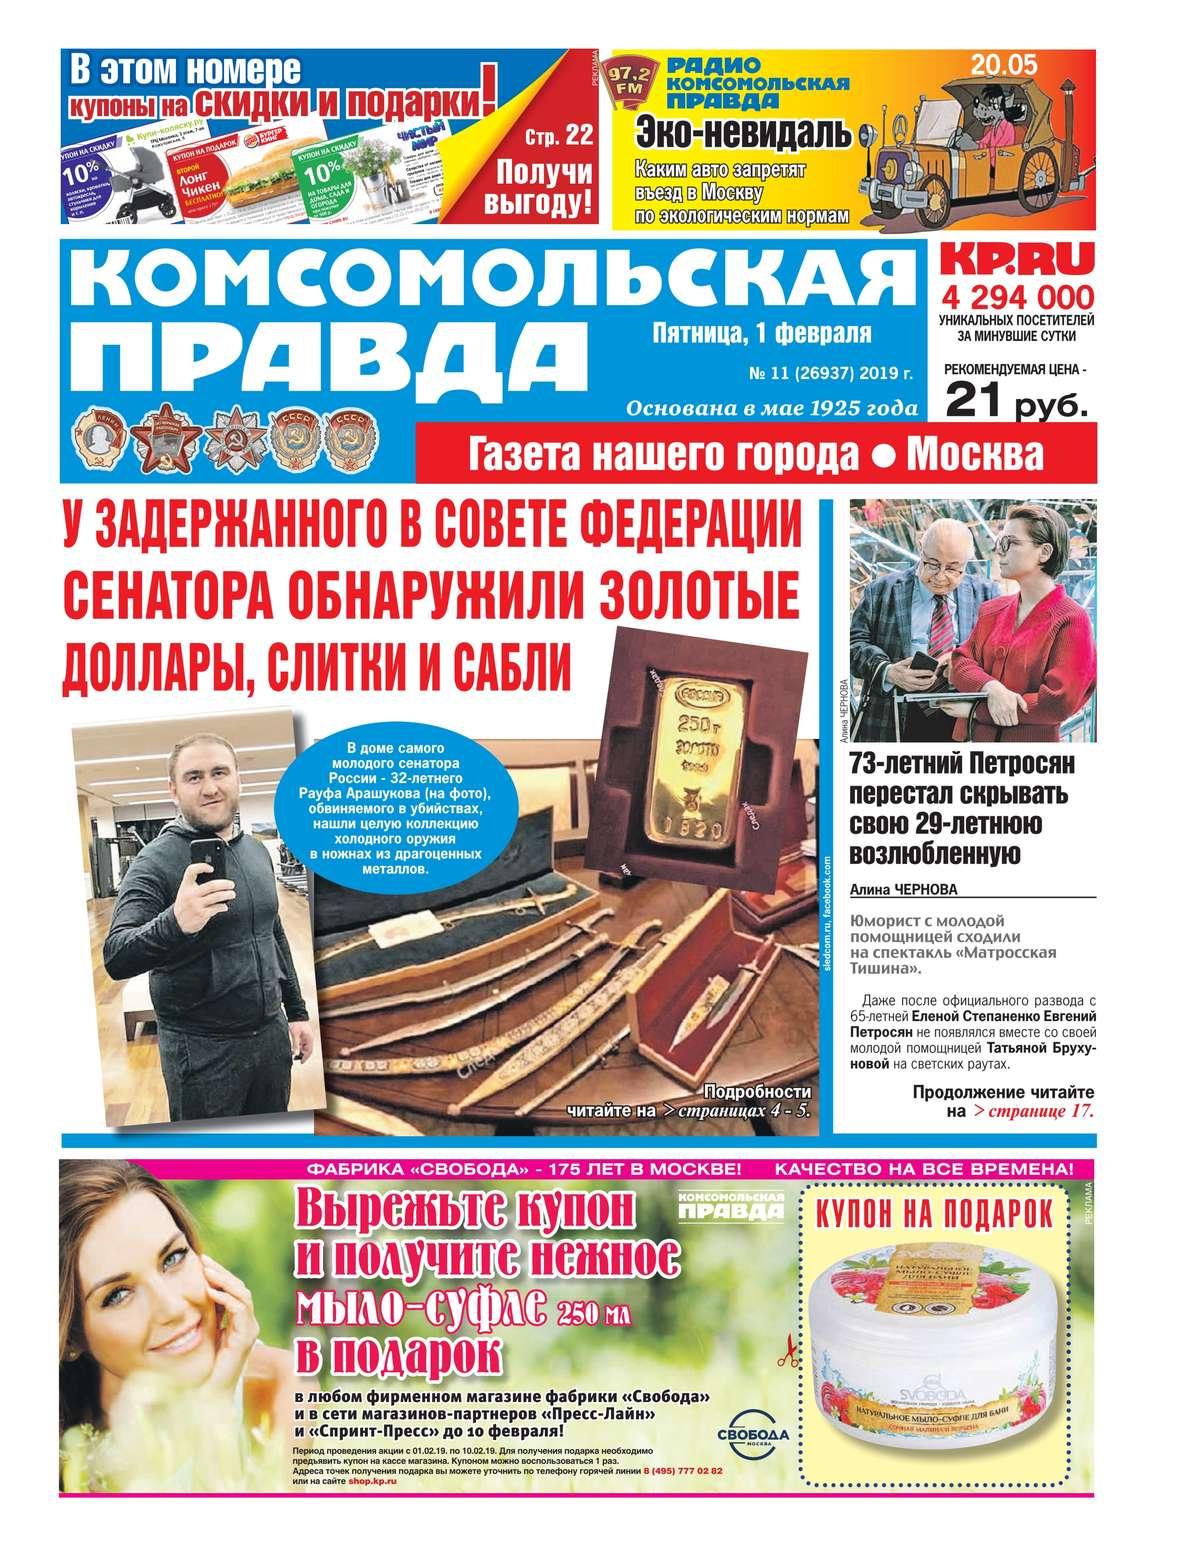 Комсомольская Правда. Москва 11-2019